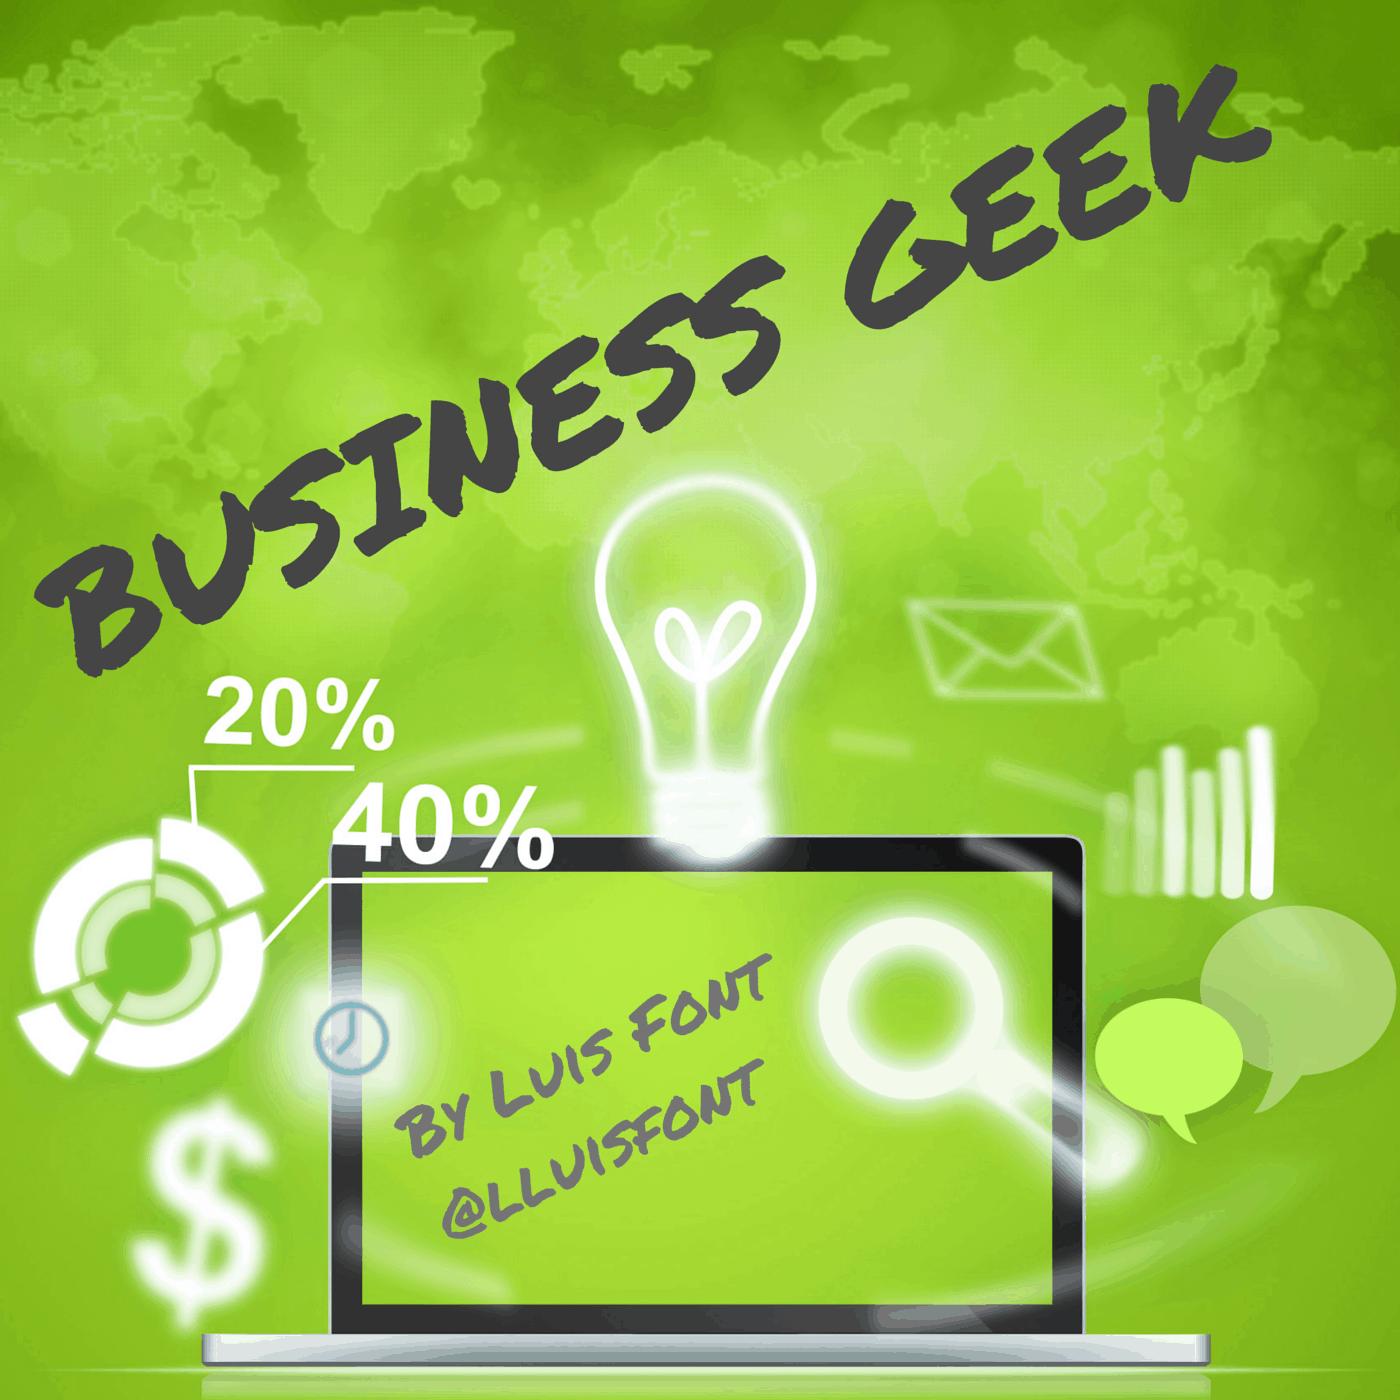 business-geek-1-1